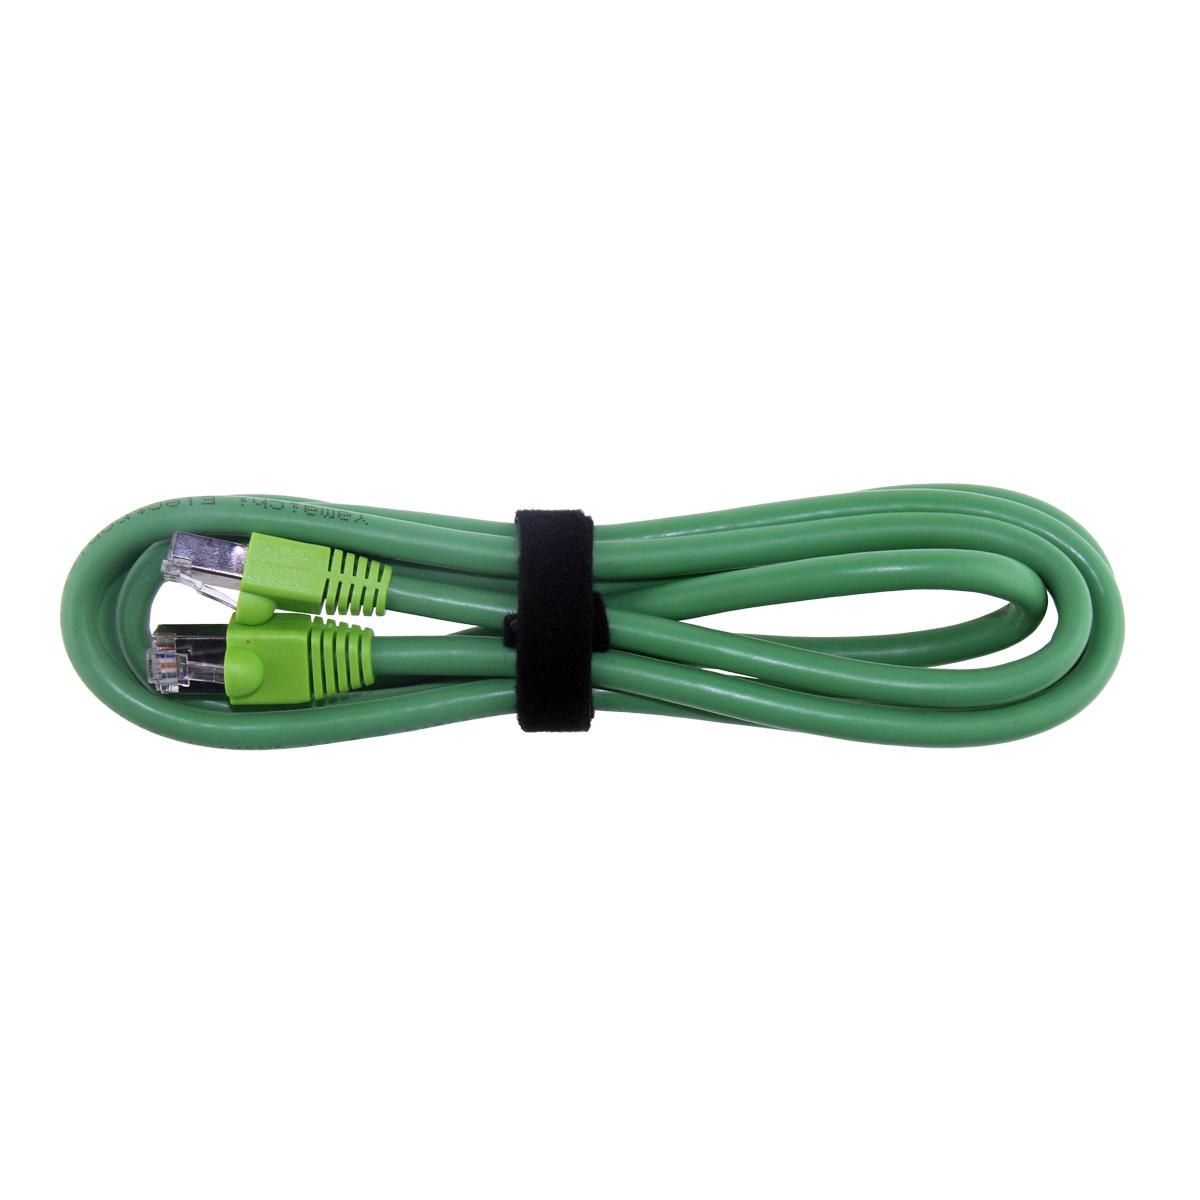 JDiag Elite II PRO Lan Cable